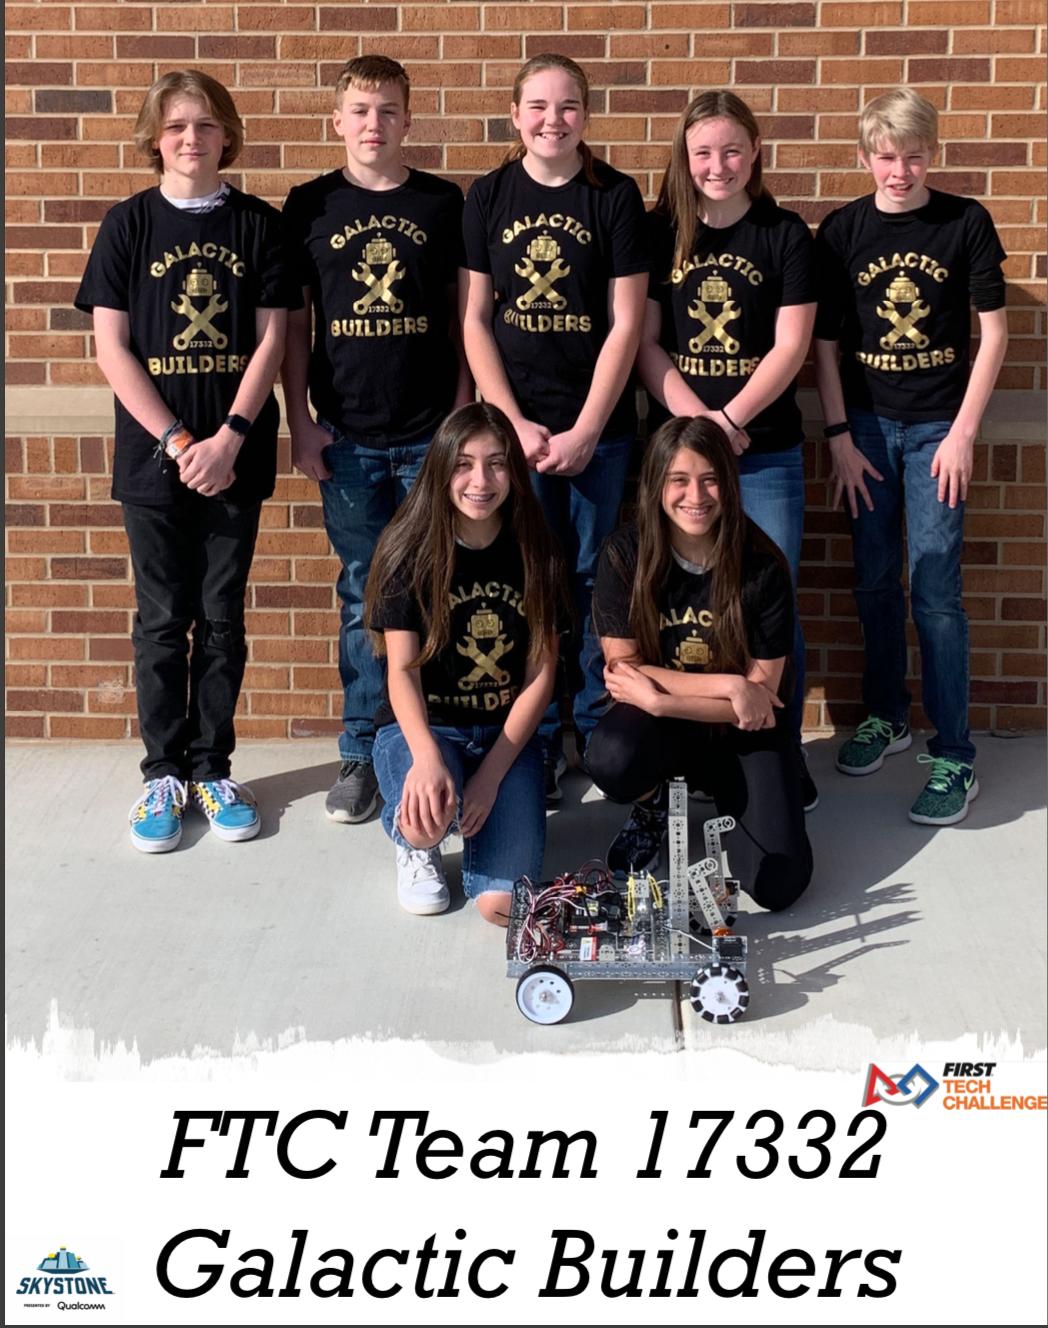 2019-2020 CMS Team 17332